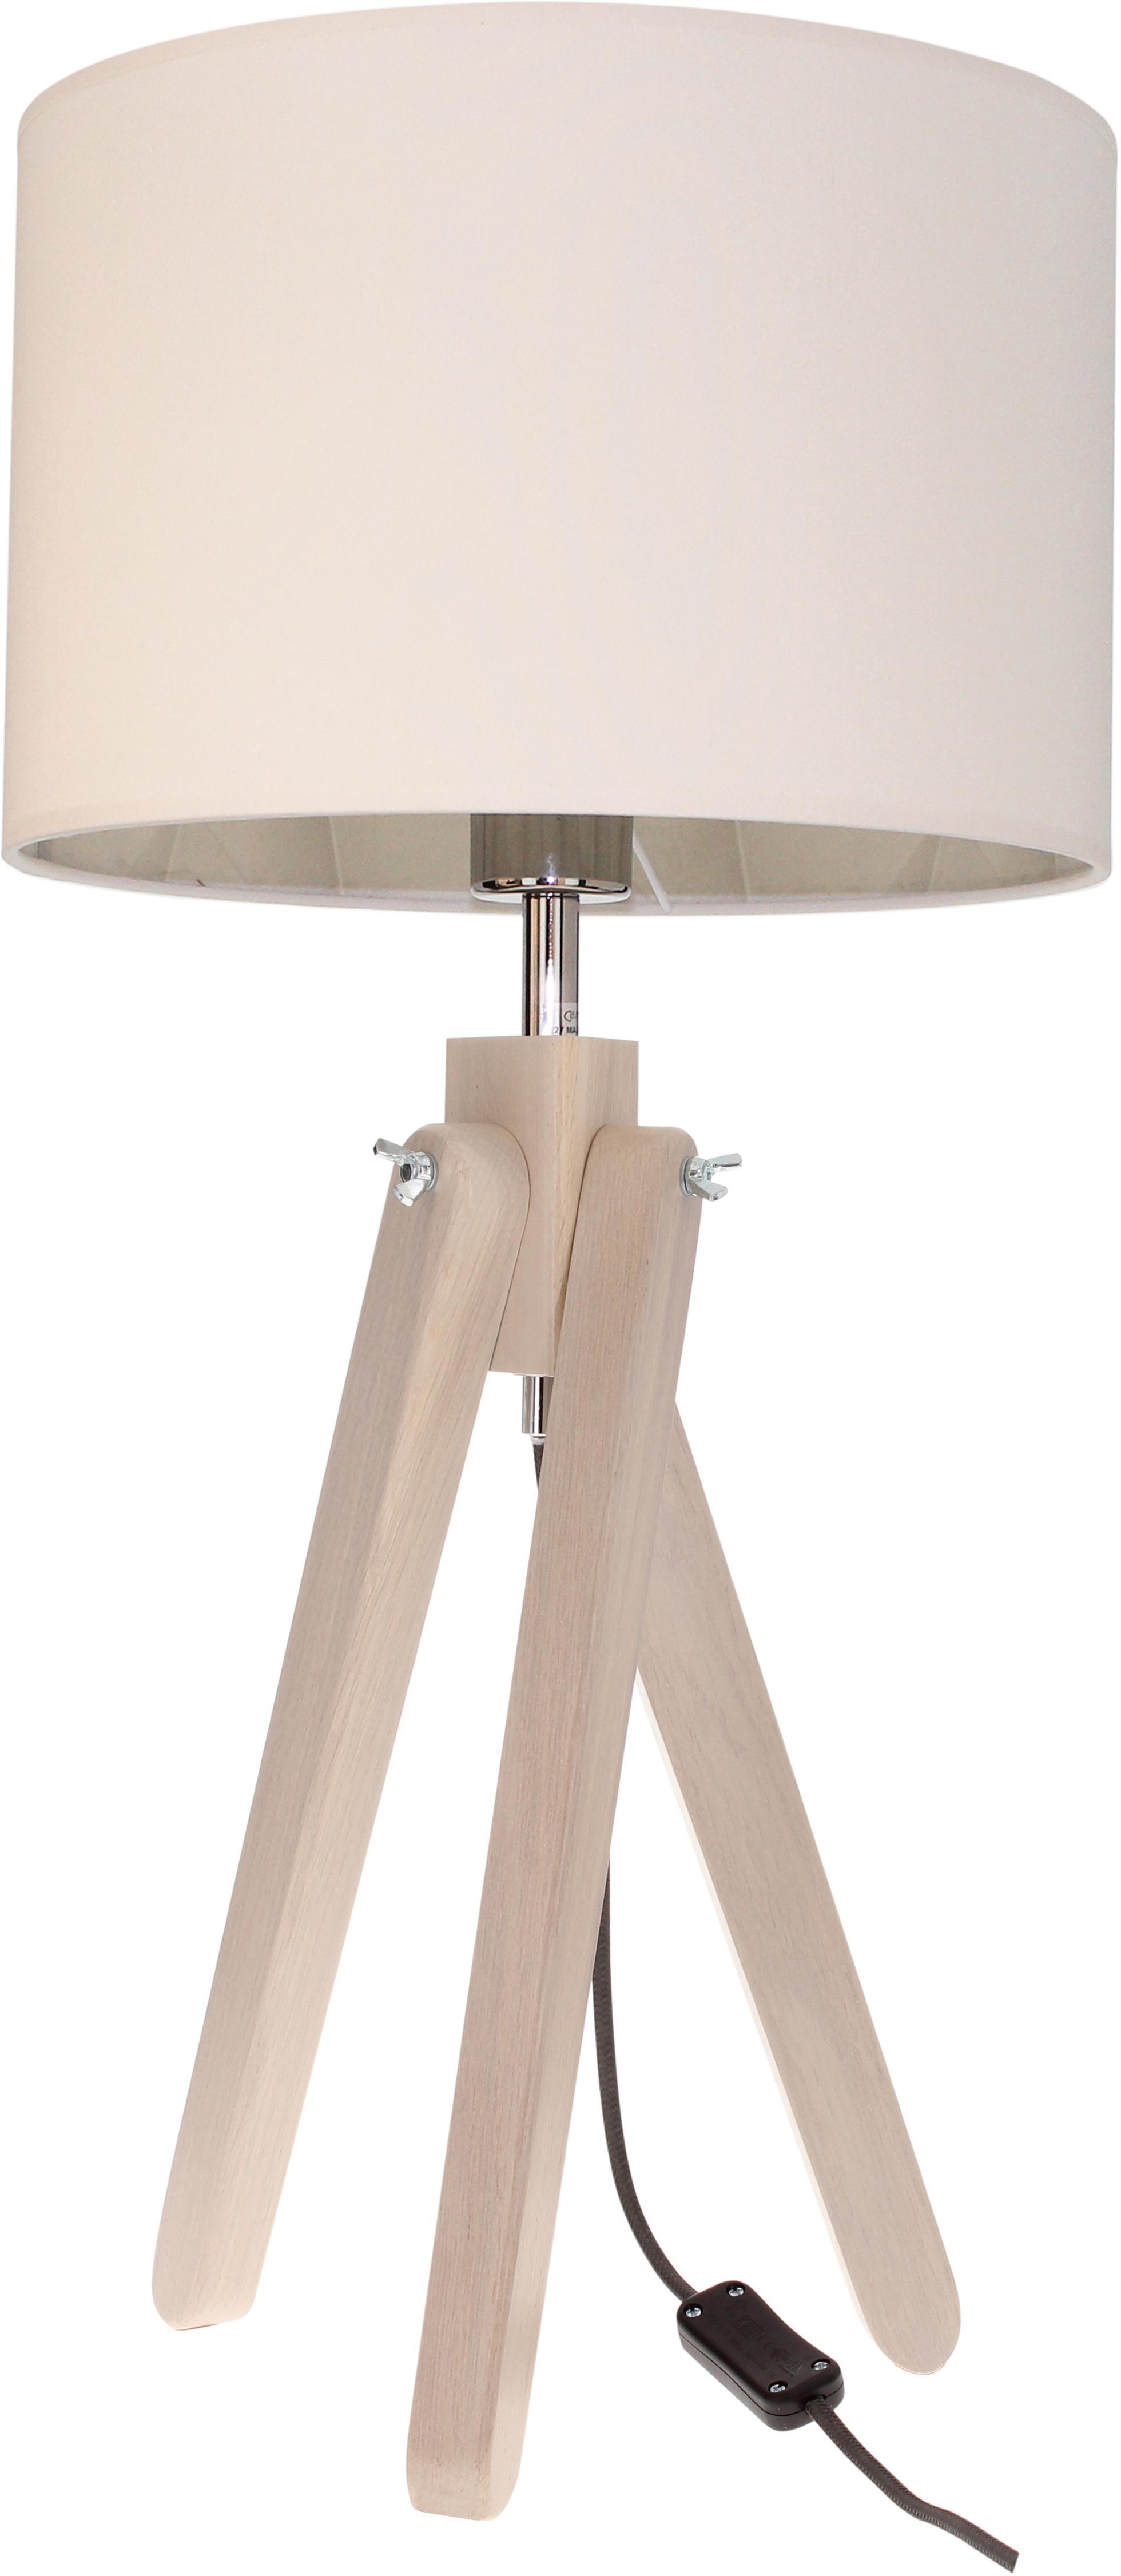 SPOT Light Tischleuchte RUNE/LENOBIA